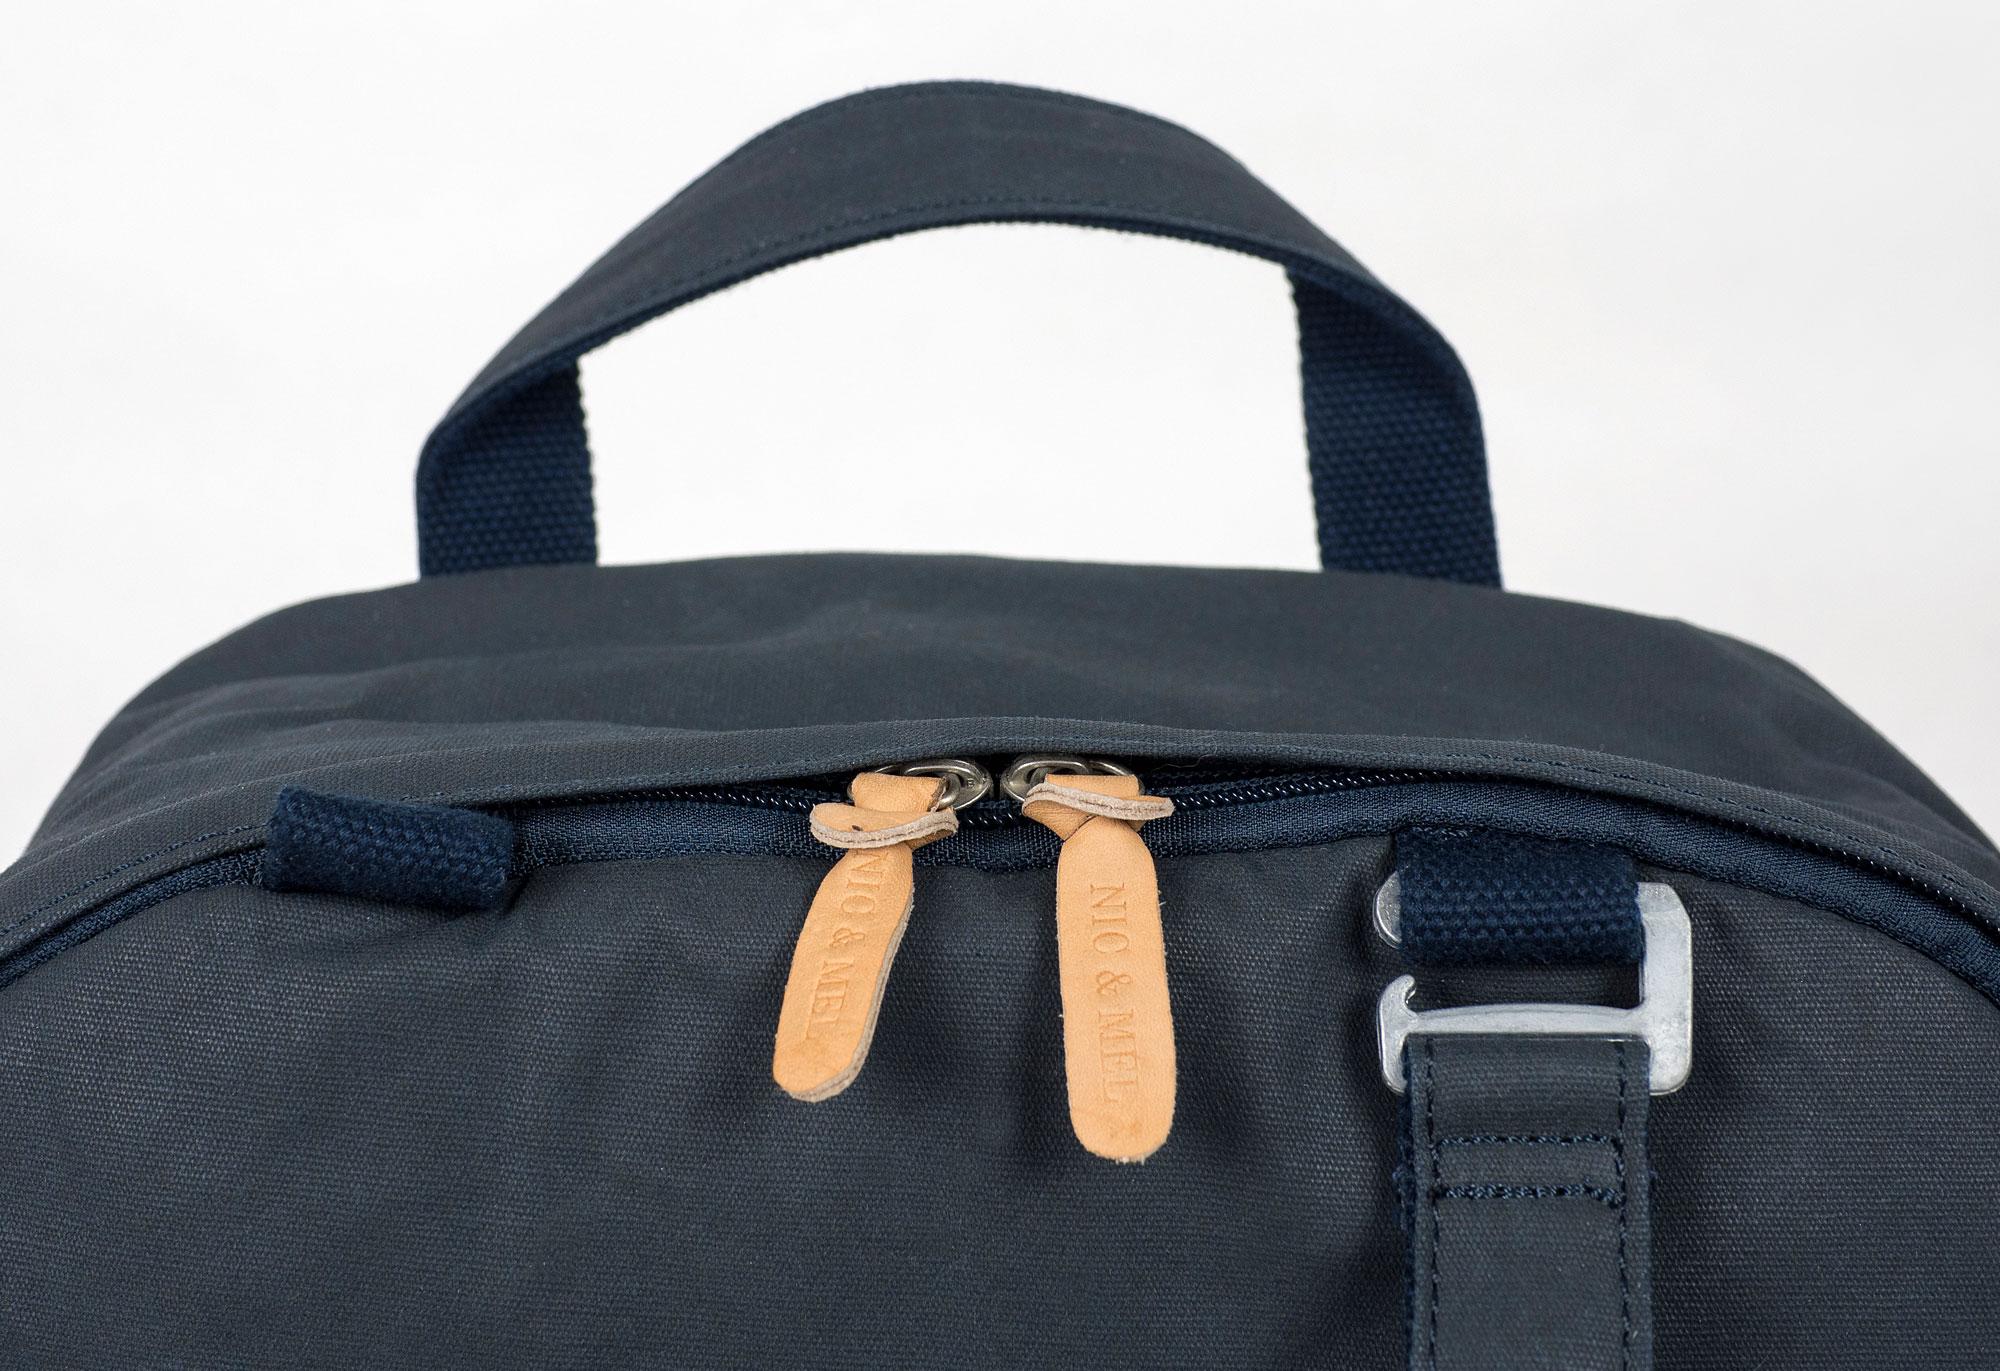 Carter-daypack-closeup_2